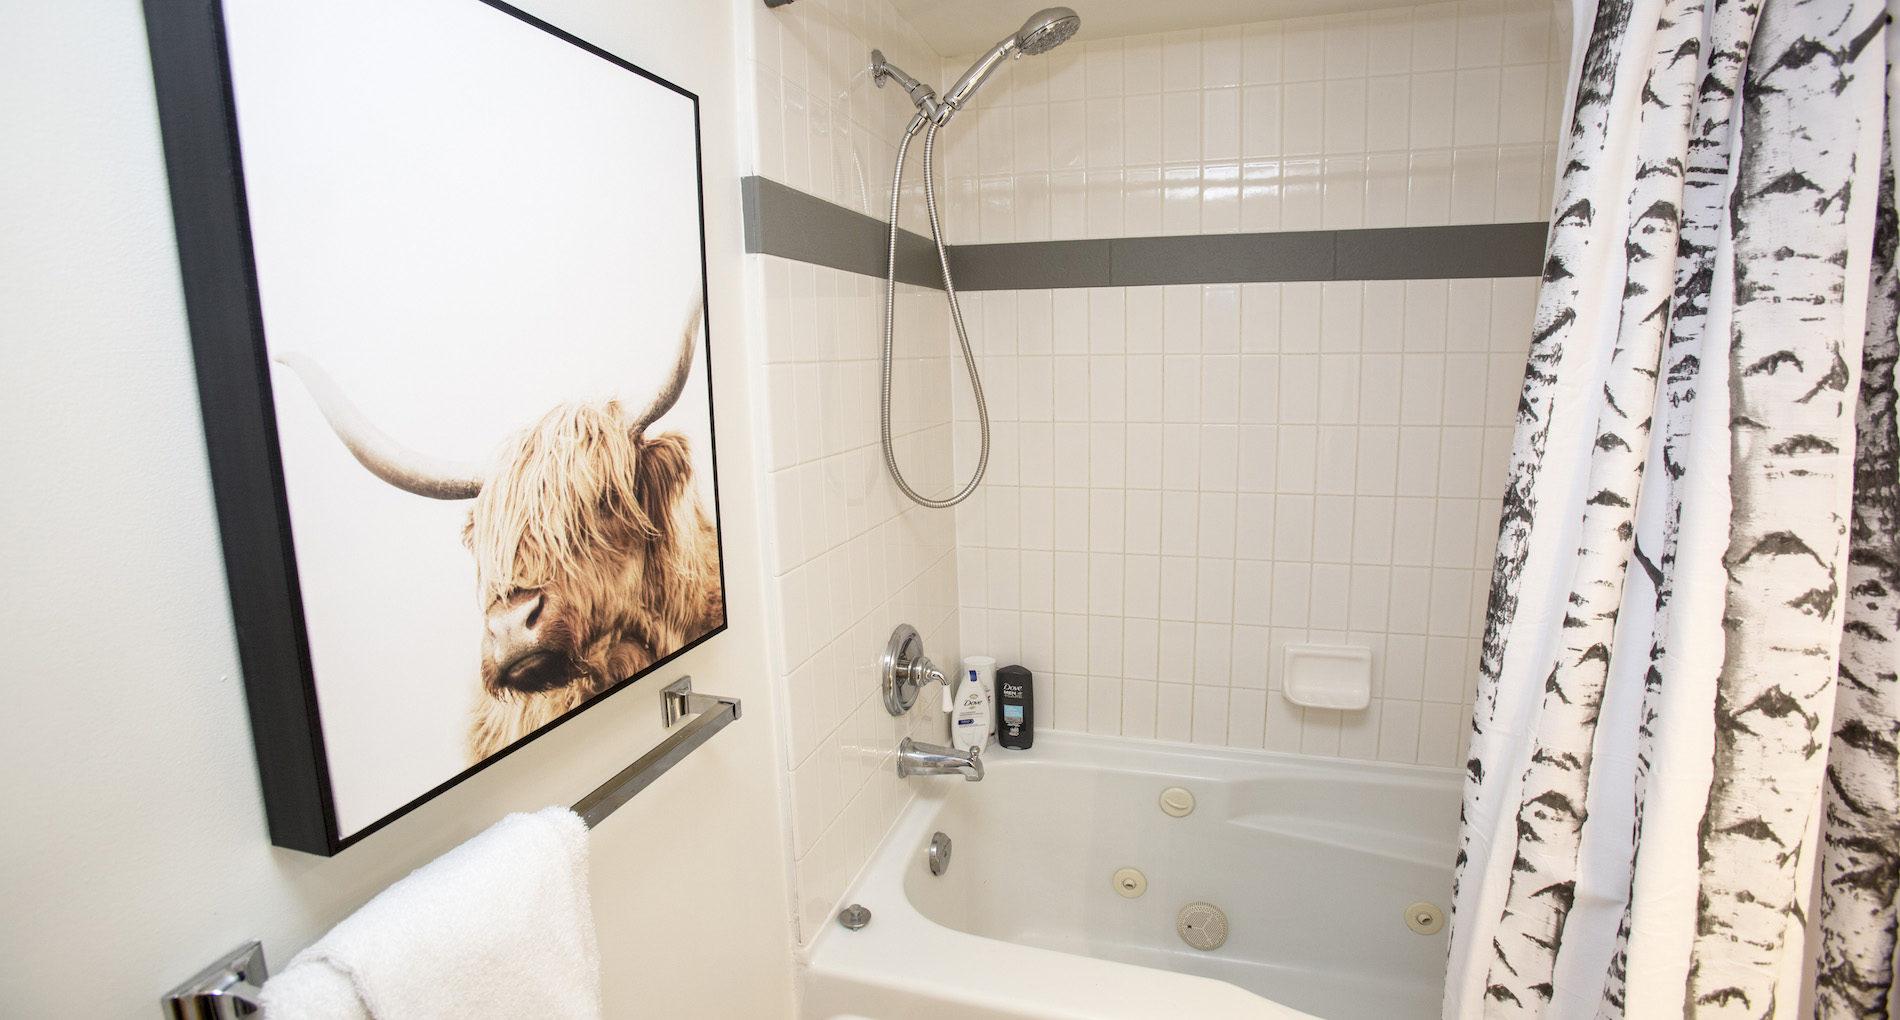 Bathroom Renovation Tricities Glaciersreachcondo Slider